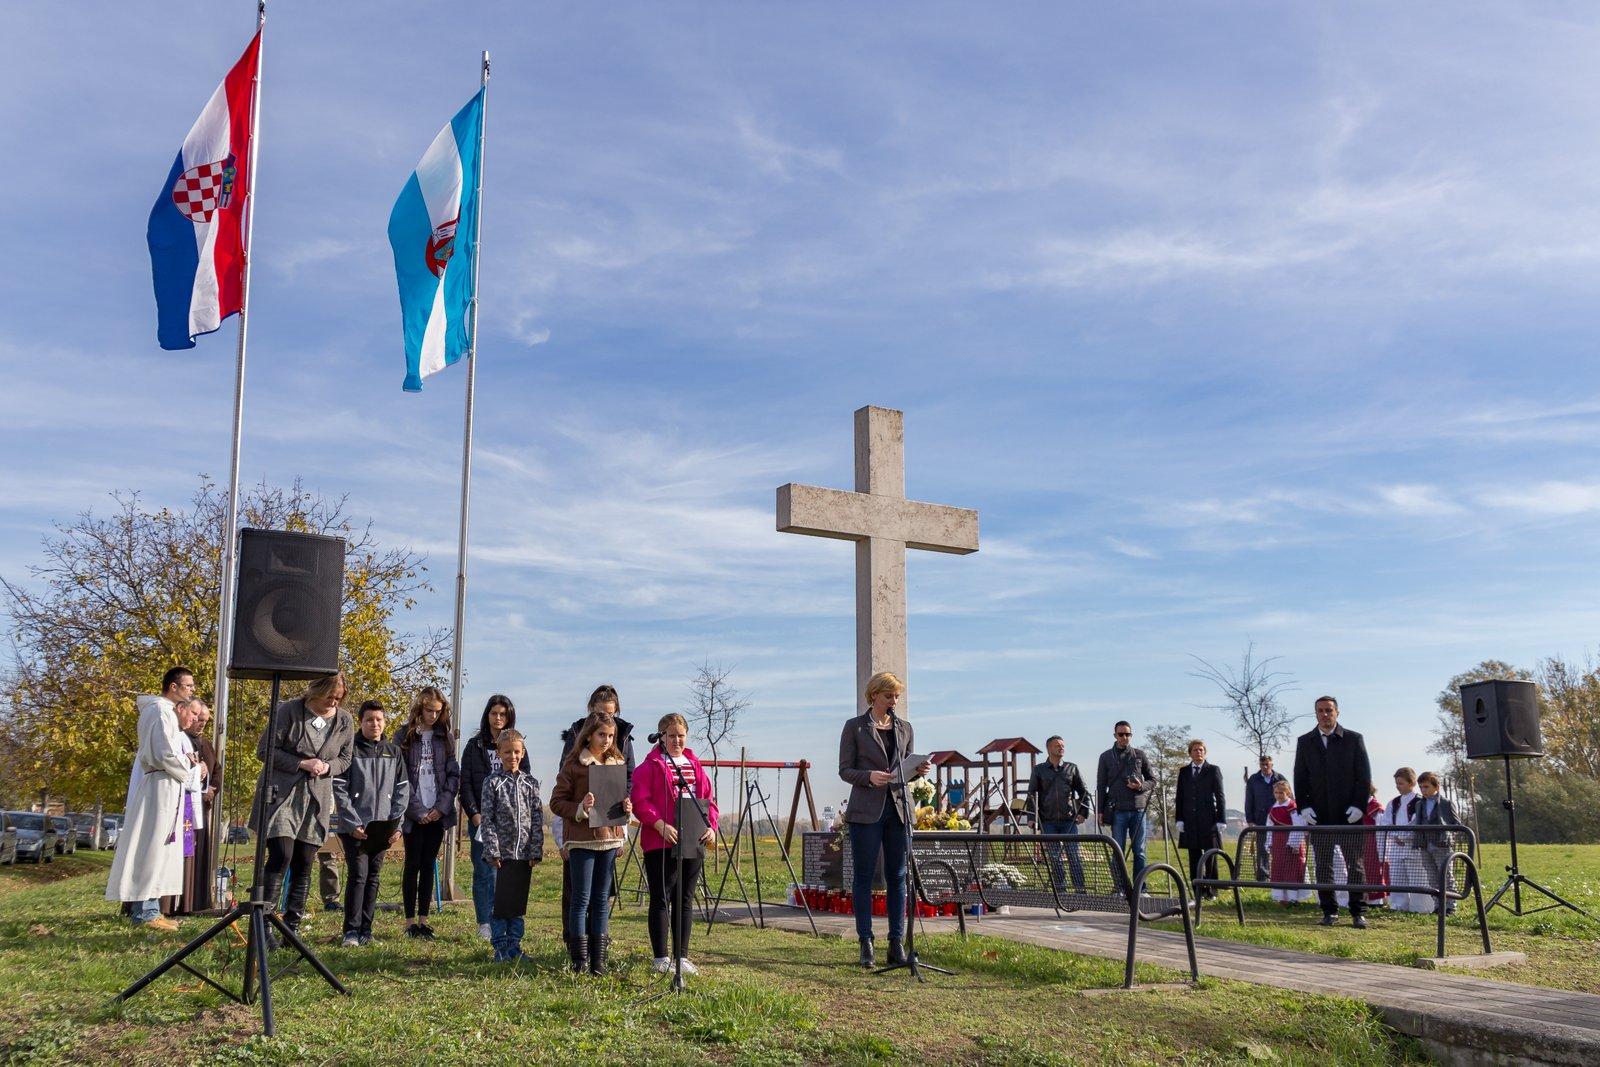 Obilježena 26. godišnjica stradanja mještana gradskog naselja Lužac